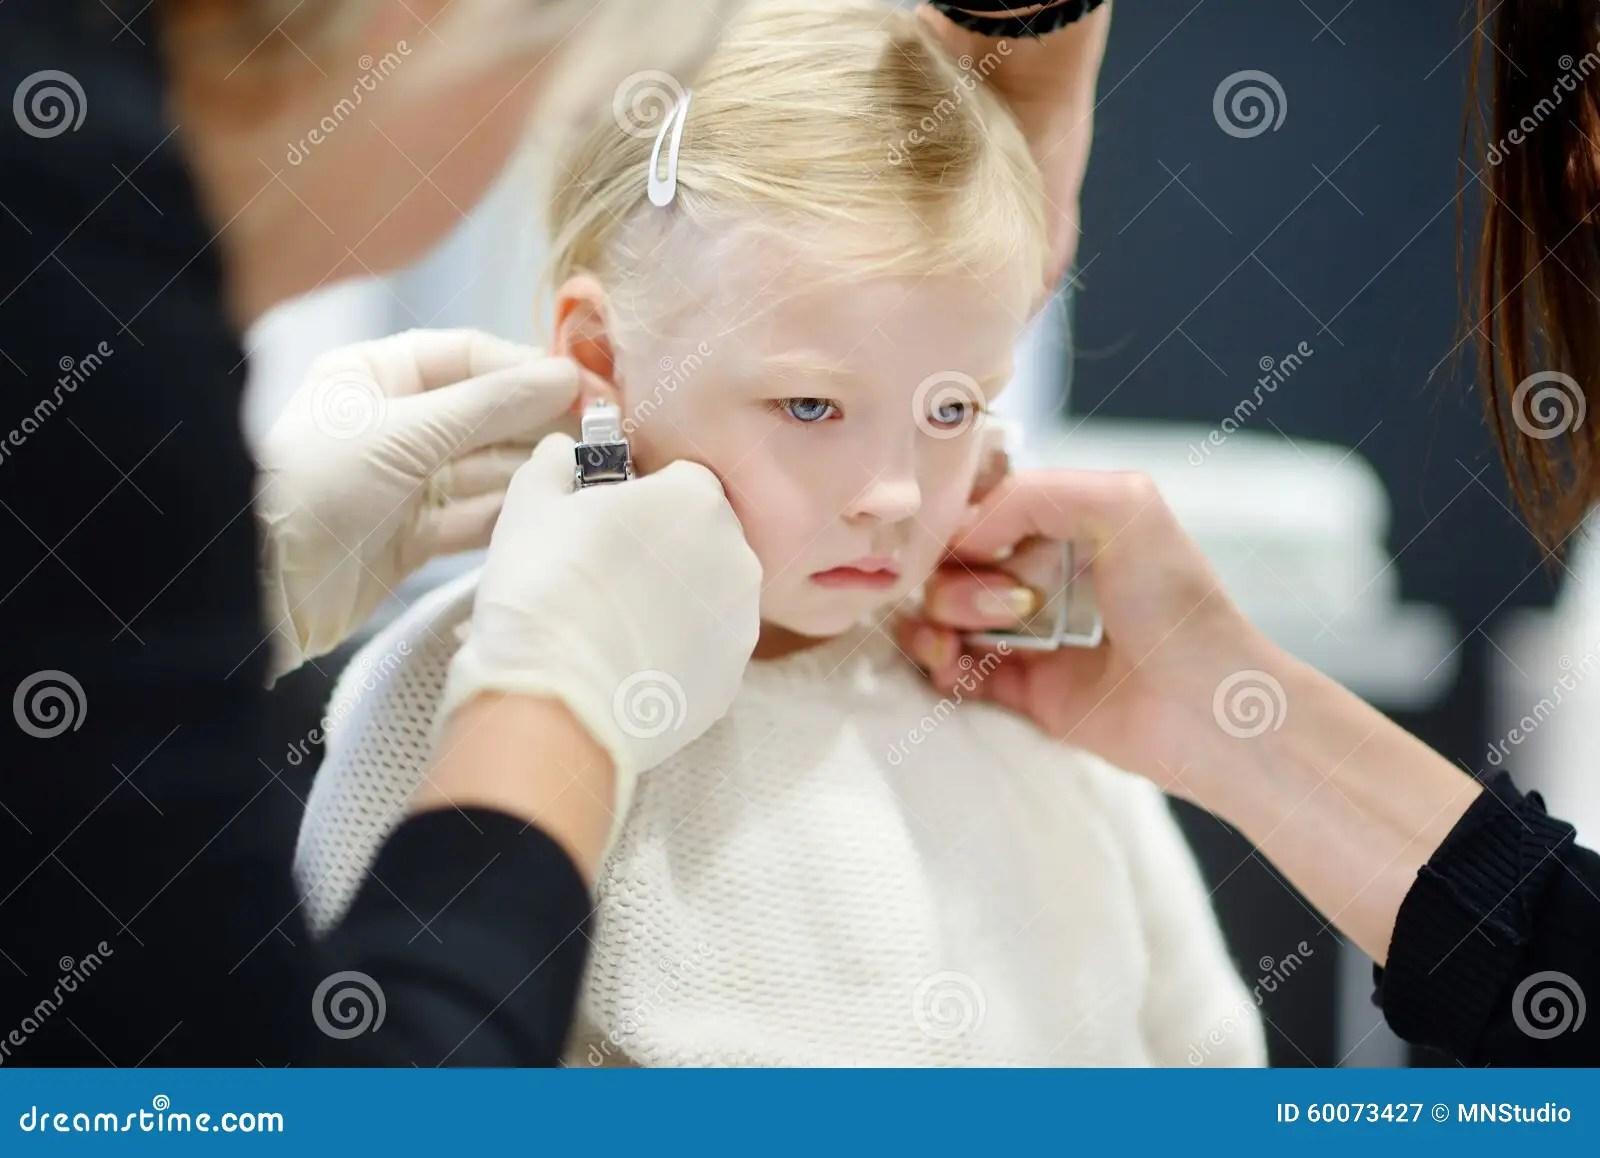 Adorable Little Girl Having Her Ears Pierced Stock Photo